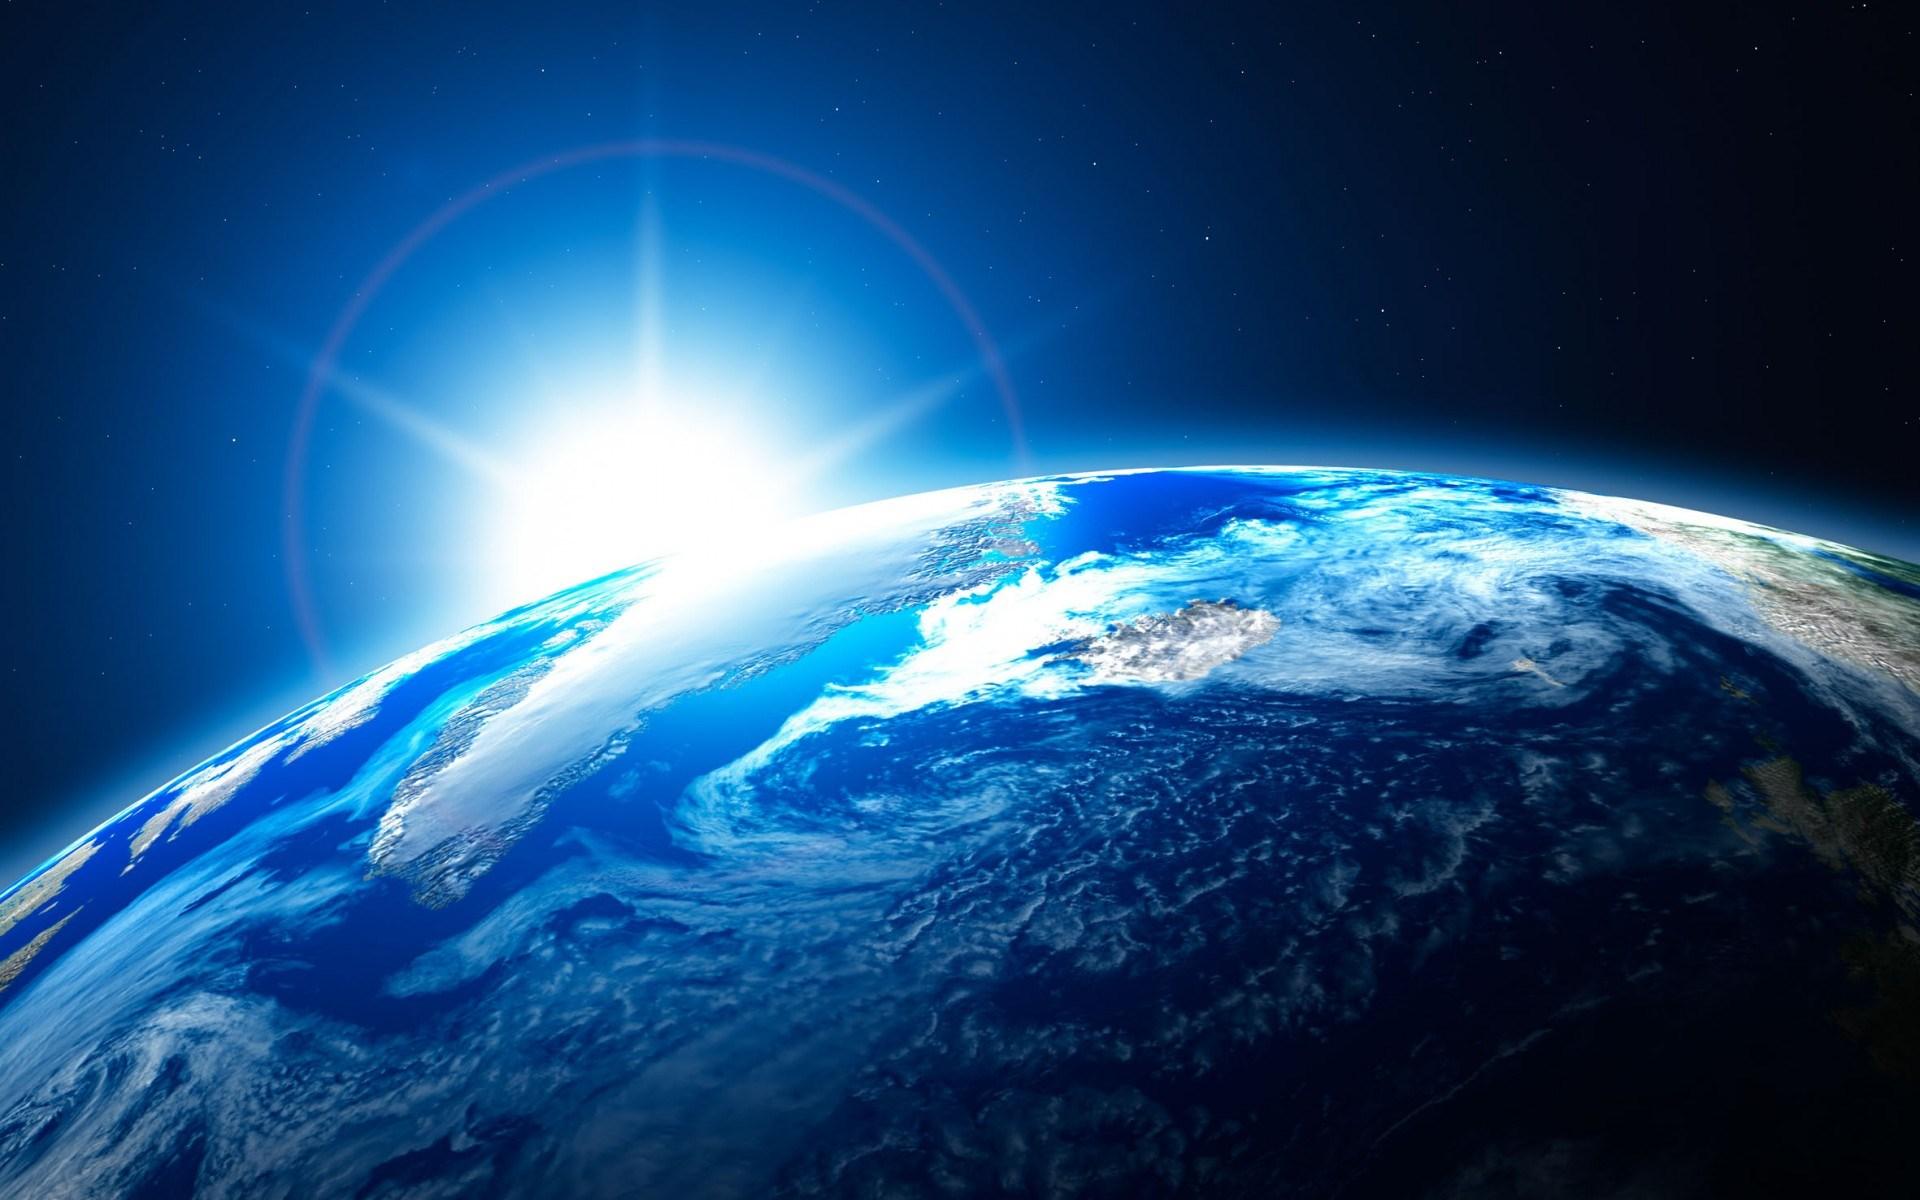 Картинка земли красивая